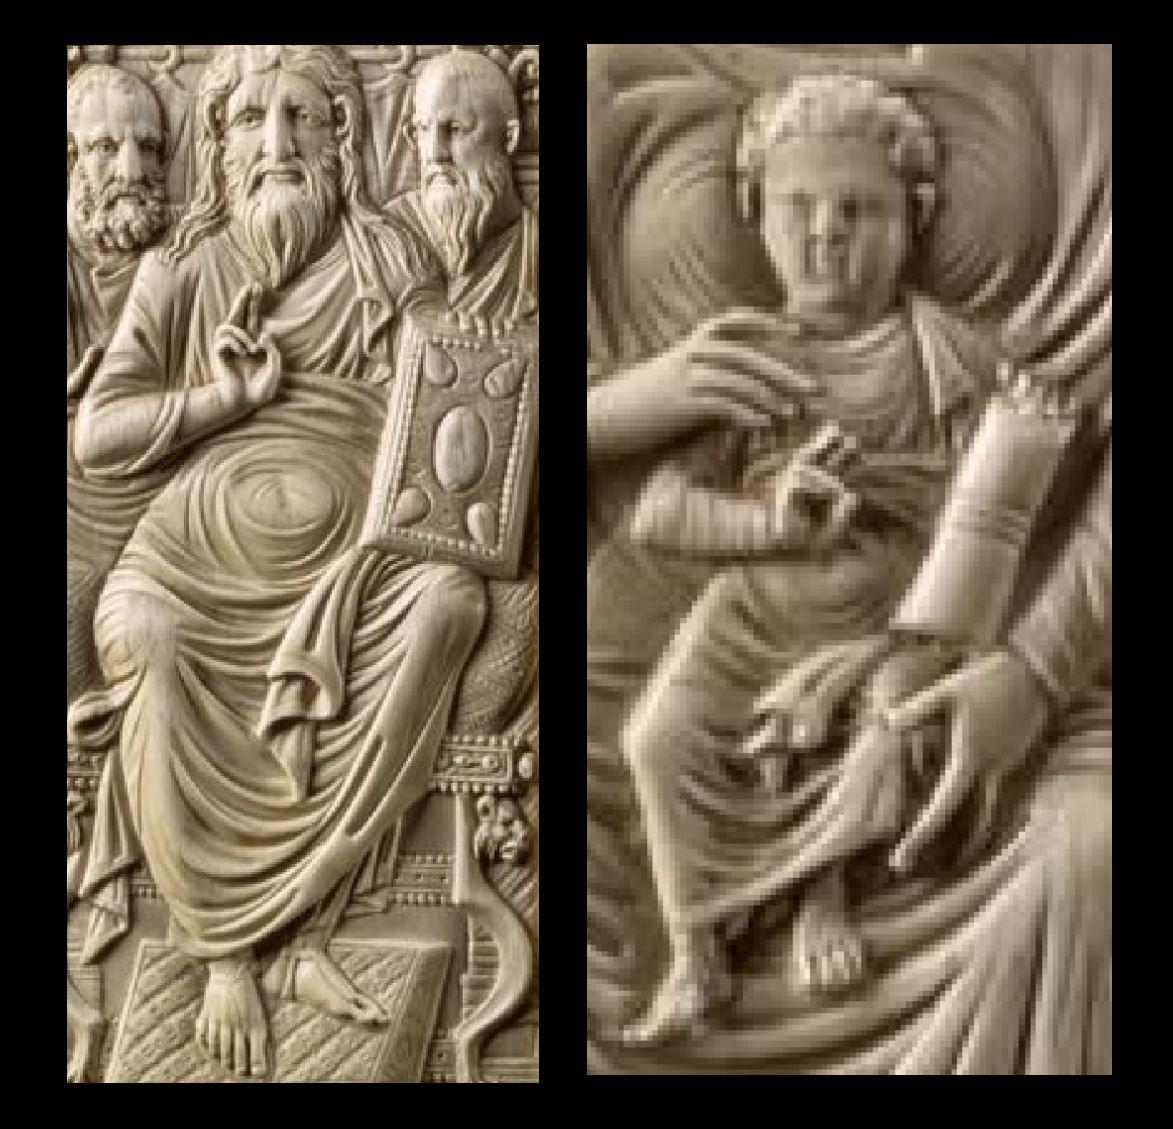 550 ca Christ and Mary - Diptych. Ivory Museum fur Byzantinische Kunst der Staatlichen Museen zu Berlin schema